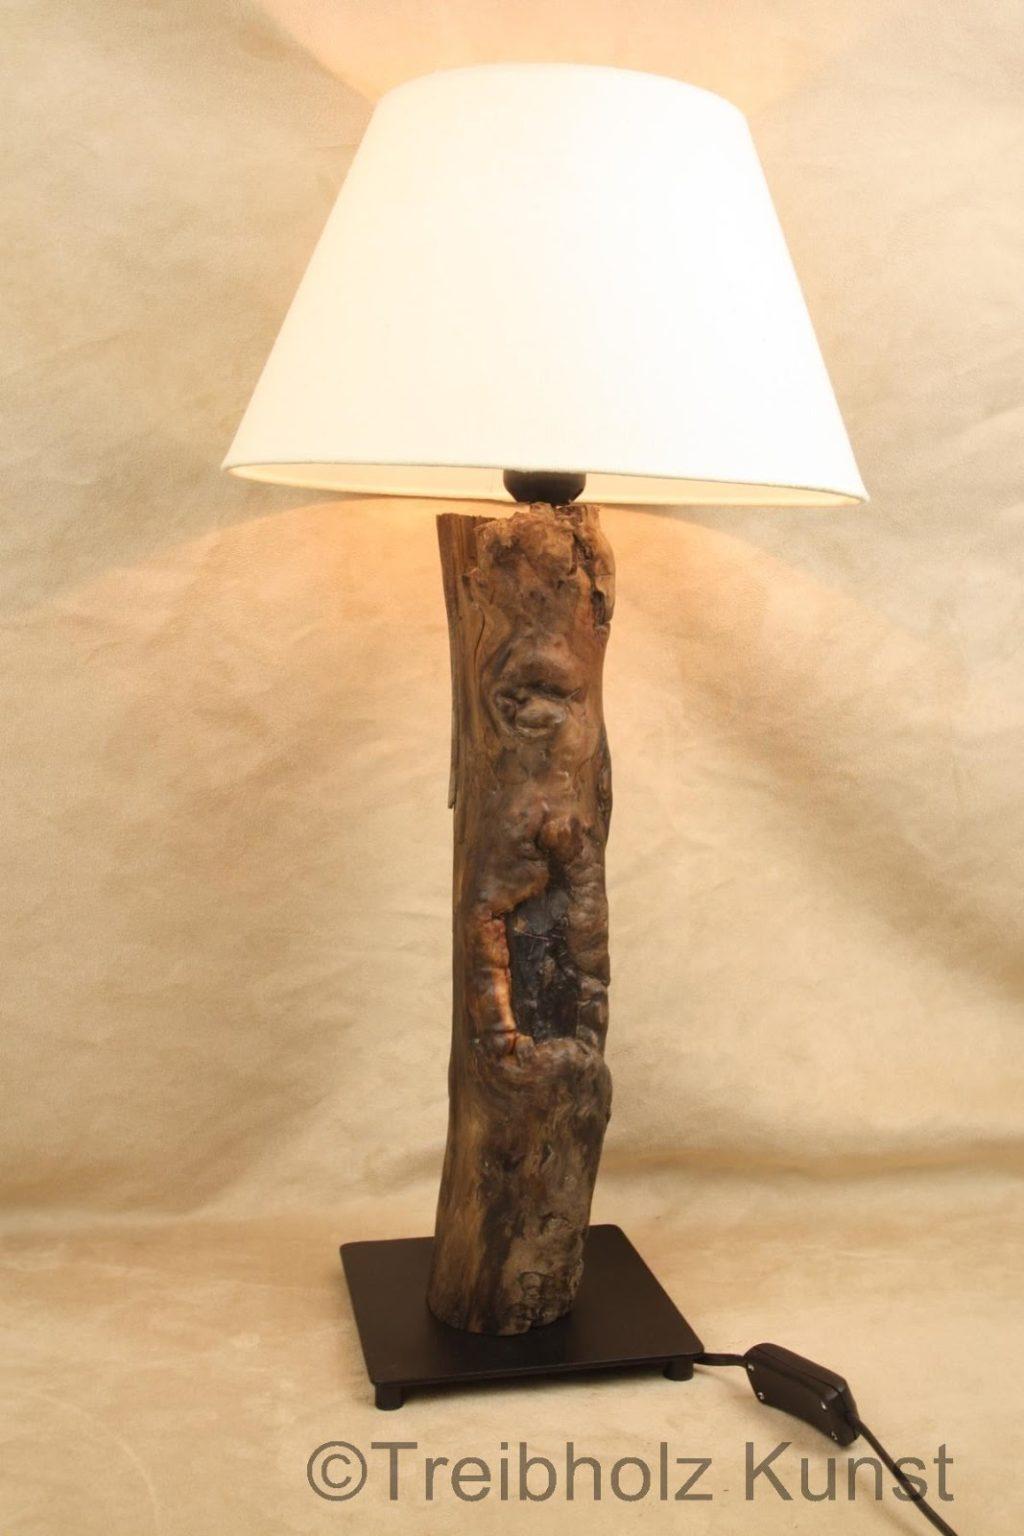 Full Size of Wohnzimmer Beleuchtung Selber Bauen Indirekte Leuchte Lampe Machen Holz Led Selbst Velux Fenster Einbauen Deckenlampe Schlafzimmer Schrankwand Pendelleuchte Wohnzimmer Wohnzimmer Lampe Selber Bauen